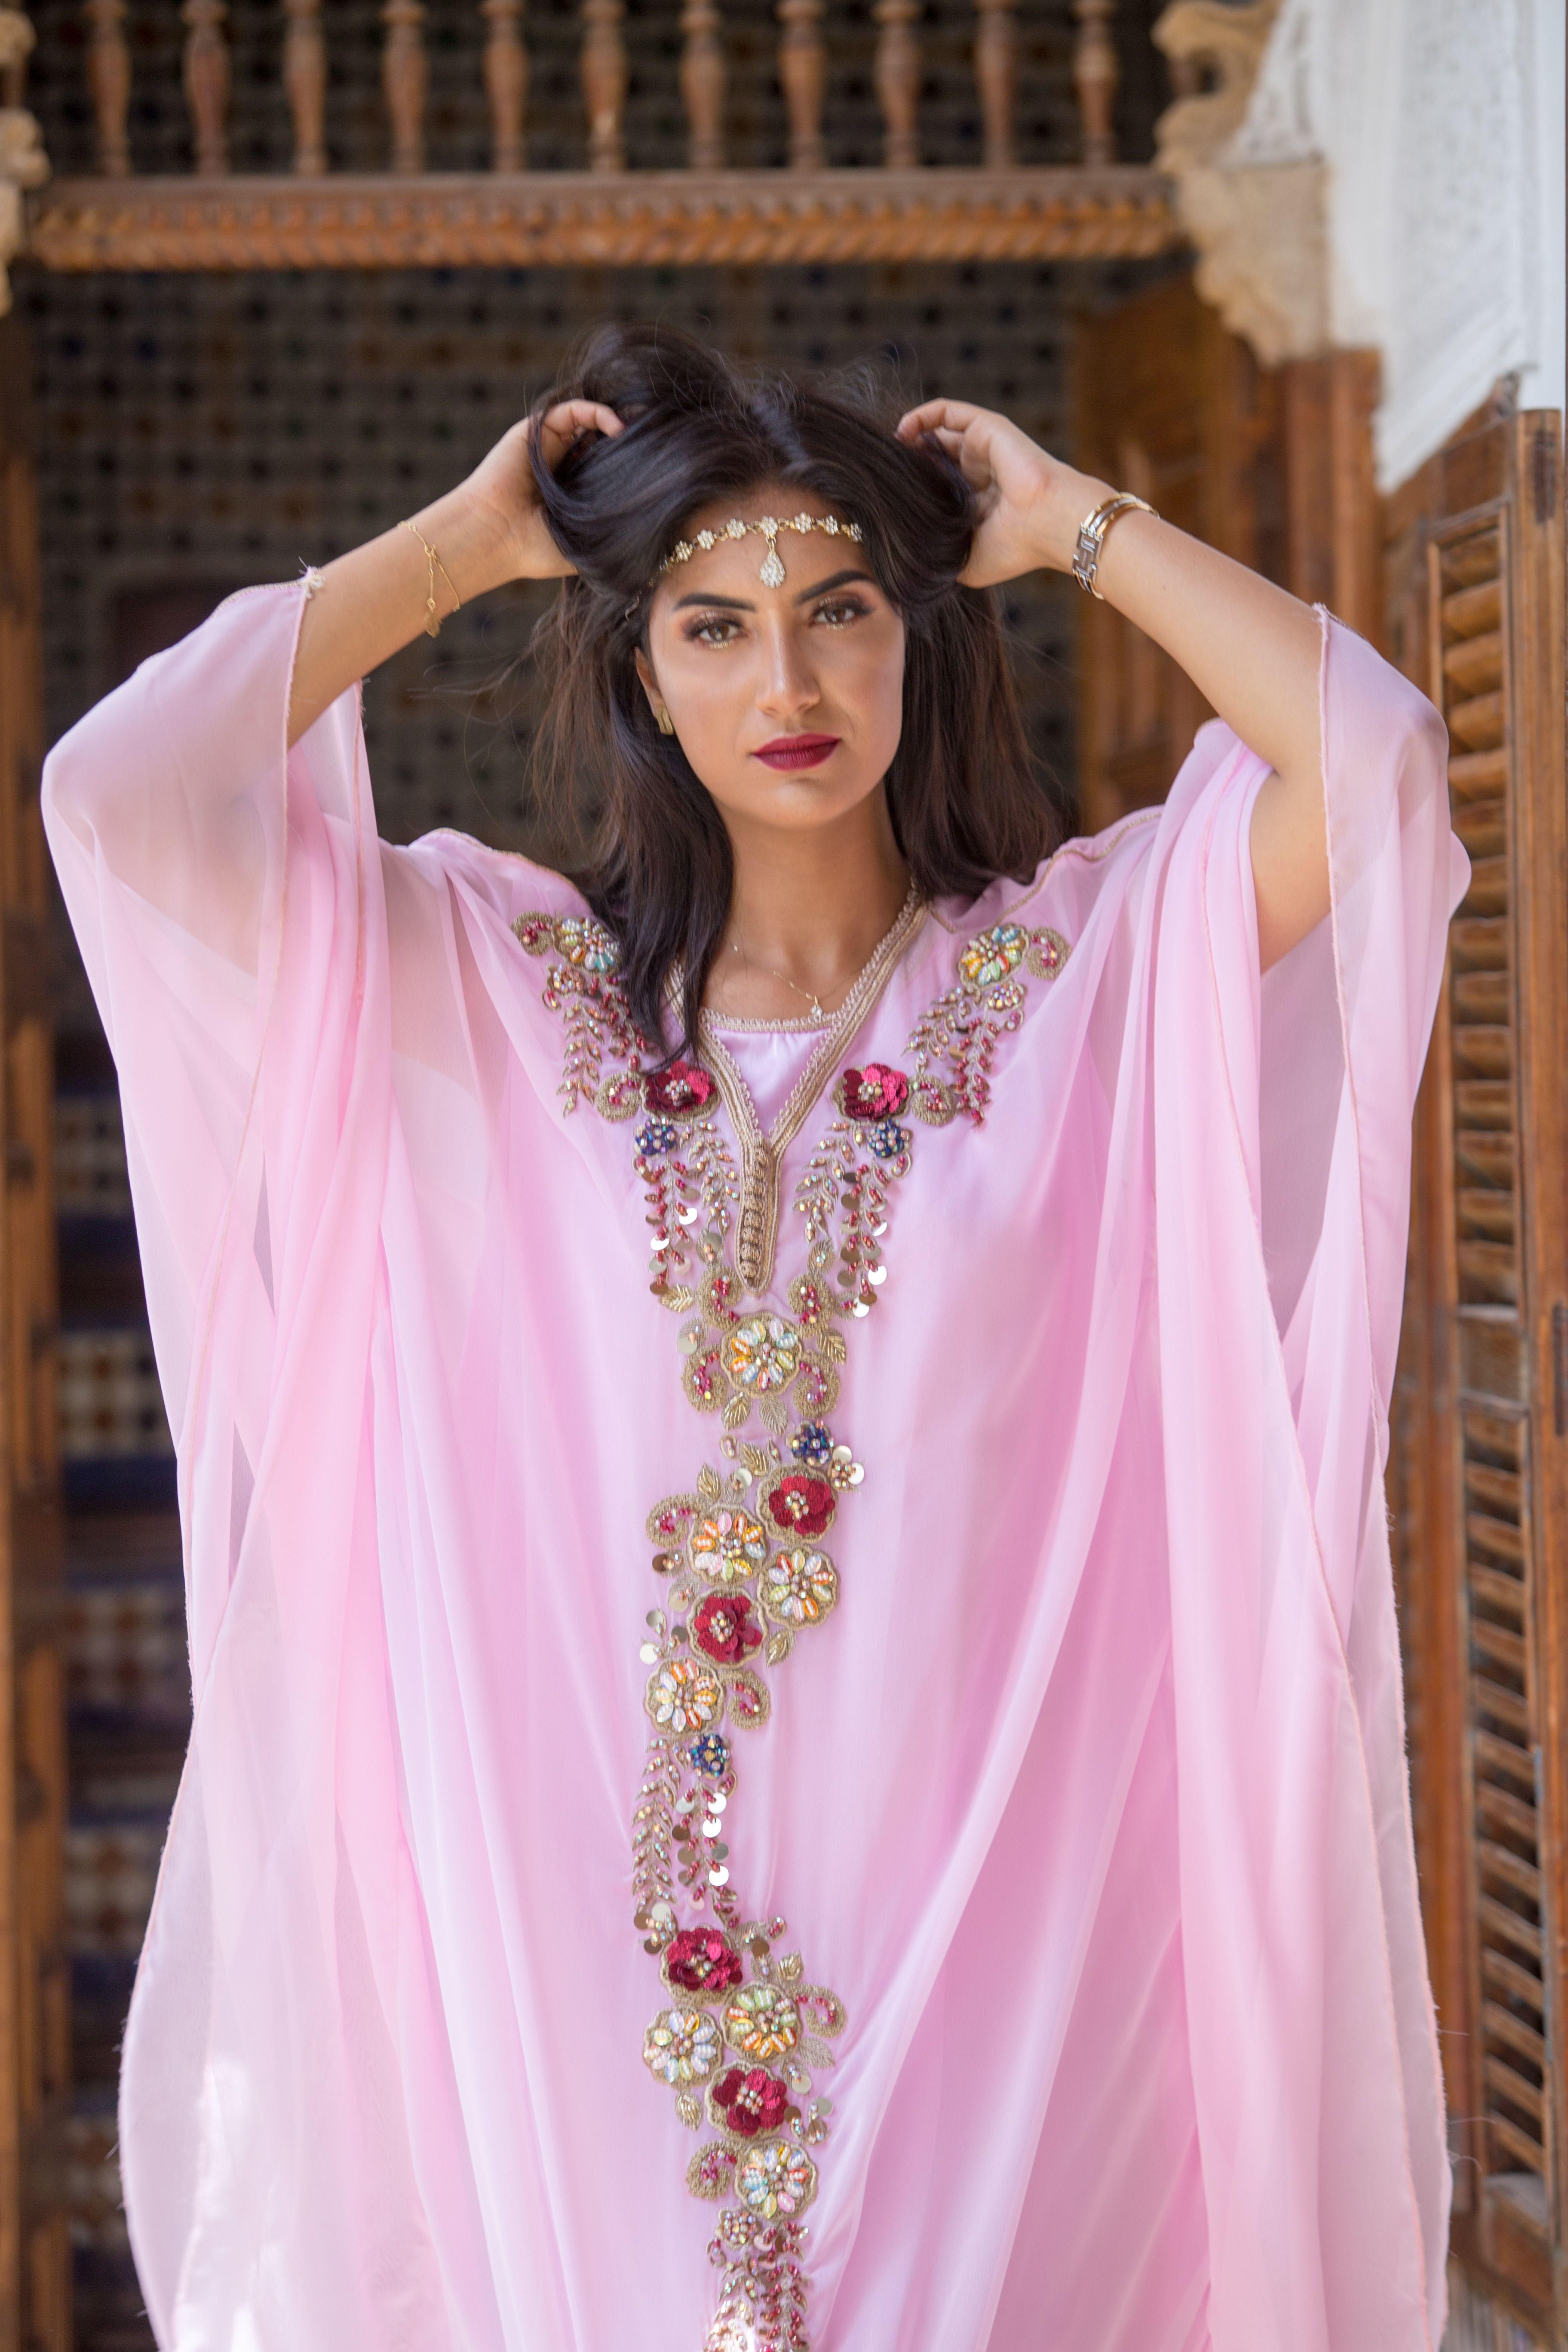 Caftan Prestige Robe marocaine, Idées de mode, Caftan